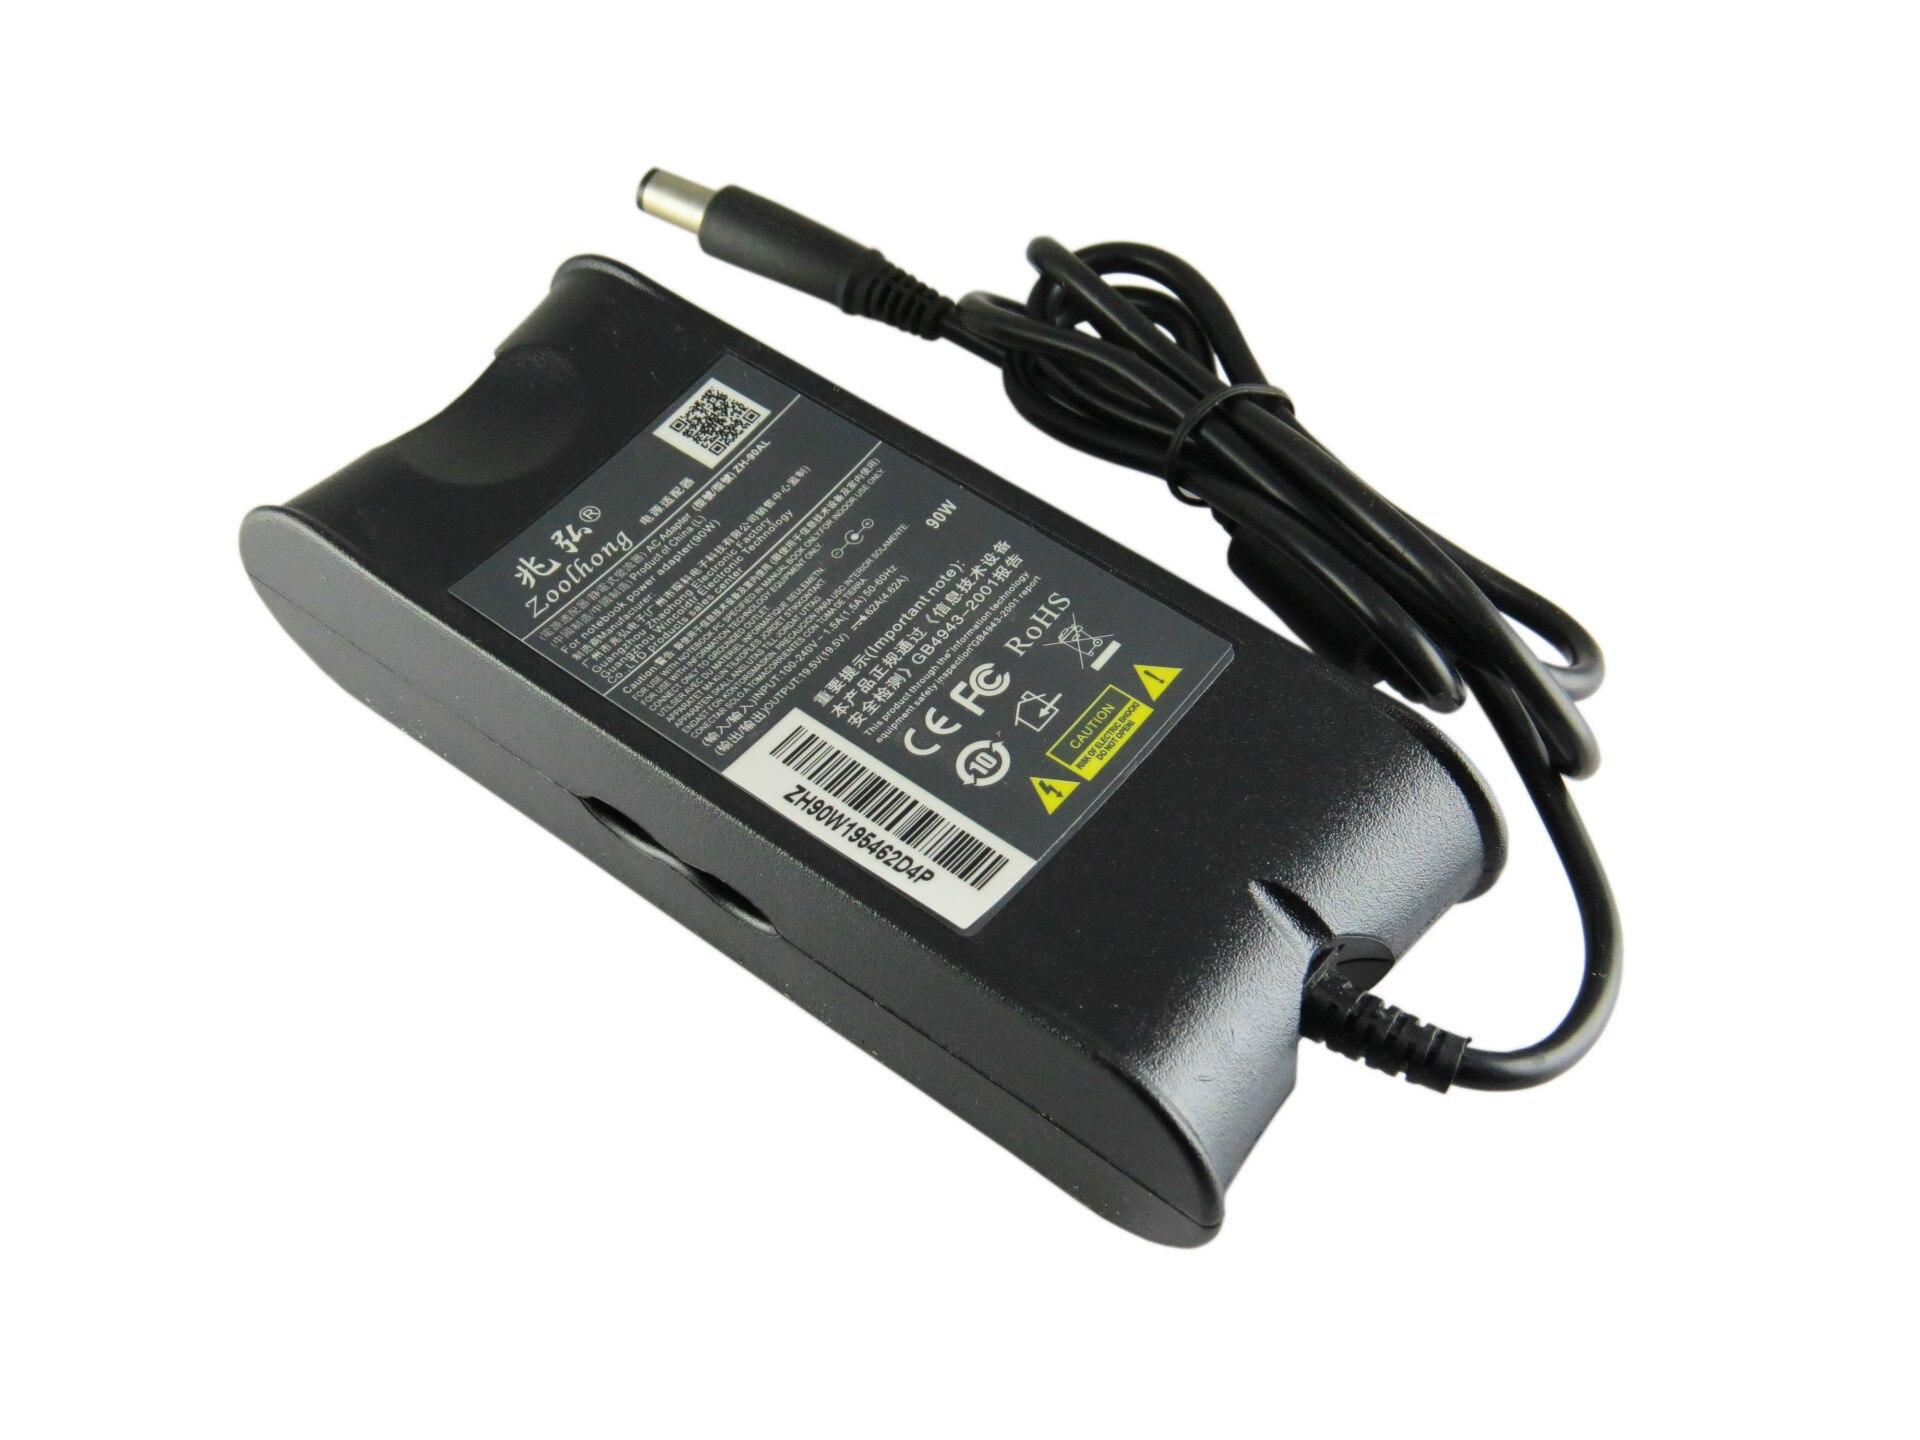 19.5 V 4.62A 90 W AC Adaptadores de corriente cargador para portátil Dell Ad-90195D Pa-1900-01D3 Df266 M20 M60 M65 M70 7.4mm * 5.0mm